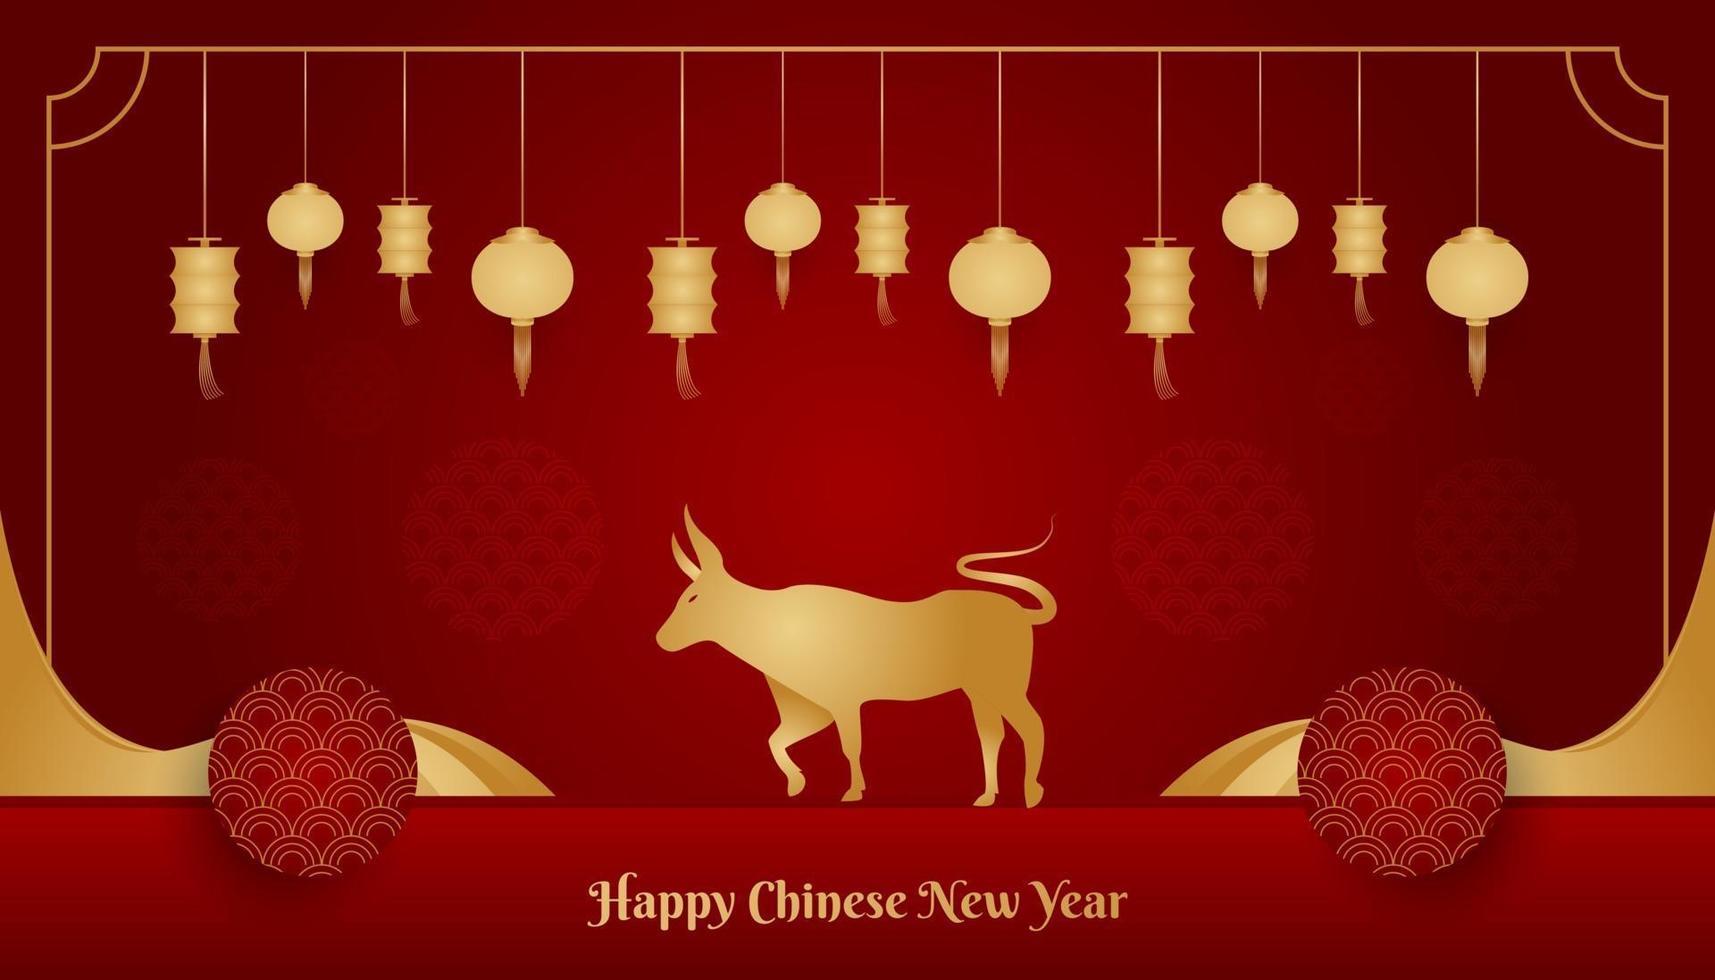 lyckligt kinesiskt nyårsbanner med gyllene oxe och lykta på röd bakgrund. kinesisk zodiaksymbol. månens nya år 2021 år av oxen vektor